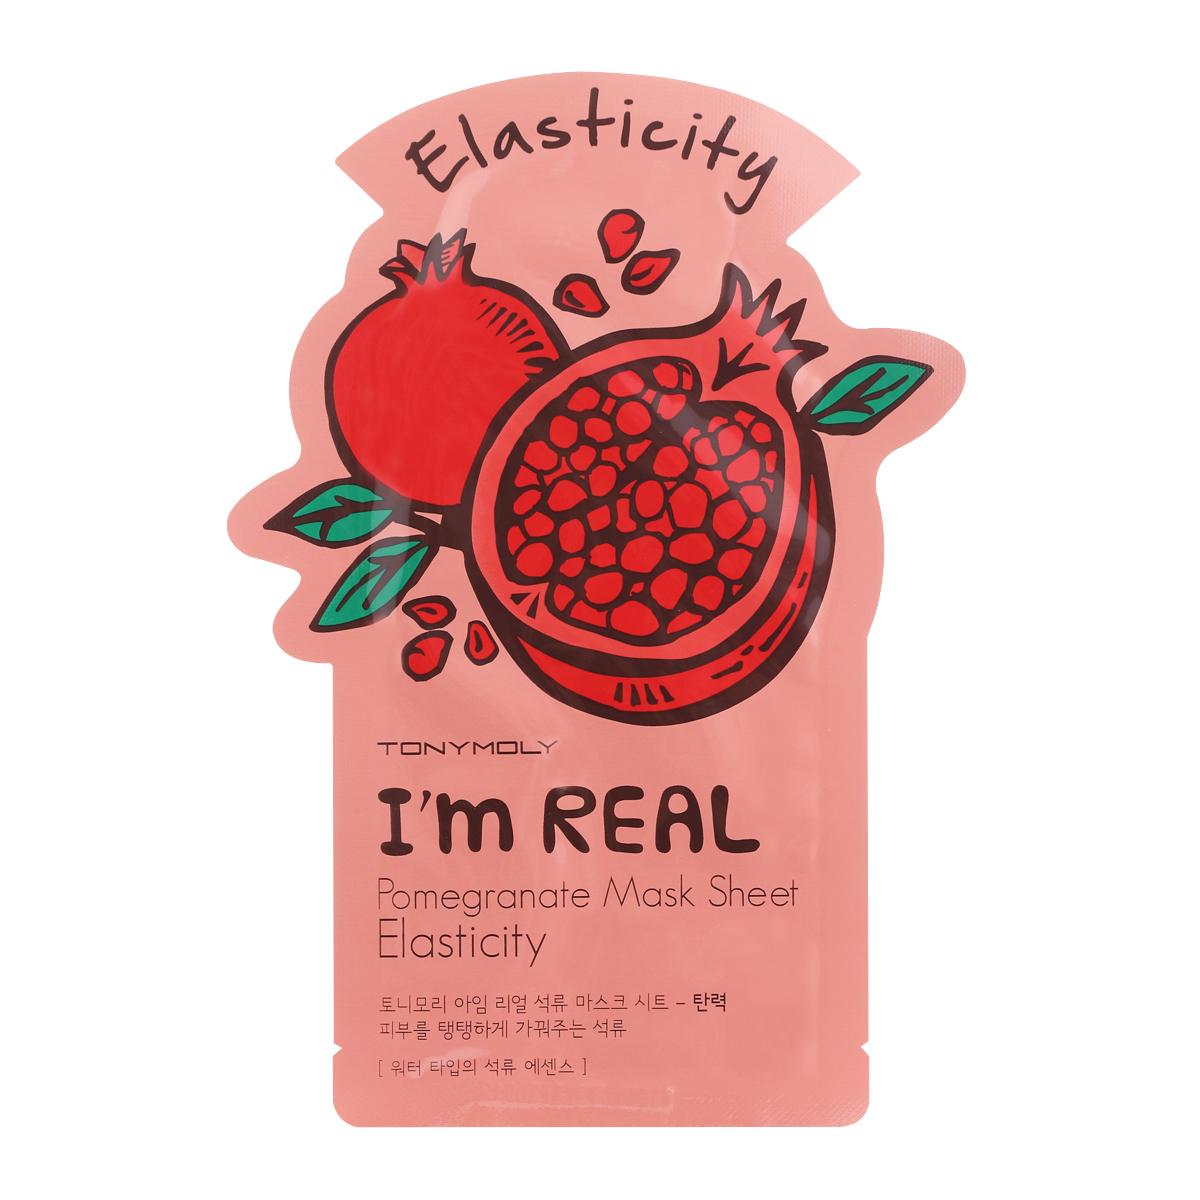 TonyMoly Тканевая маска с экстрактом граната Im Real Pomegranate Mask Sheet, 21 млAC-2233_серыйТканевая маска для эластичности кожи с гранатом Tony Moly Im Real Pomegranate Mask Sheet содержит большое количество витаминов и минералов, которые питают кожу, придают ей сияние и оказывают мощное антивозрастное действие. Экстракт граната разглаживает морщины и оказывает легкий отшелушивающий и отбеливающий эффект.Гранат защищает кожу от негативного воздействия солнечных лучей и преображает сухую, уставшую и обезвоженную кожу. Применение маски с экстрактом граната значительно улучшит состояние кожи, уменьшит морщины, придаст сияние и освежит тусклую и уставшую кожу. Марка Tony Moly чаще всего размещает на упаковке (внизу или наверху на спайке двух сторон упаковки, на дне банки, на тубе сбоку) дату изготовления в формате: год/месяц/дата.